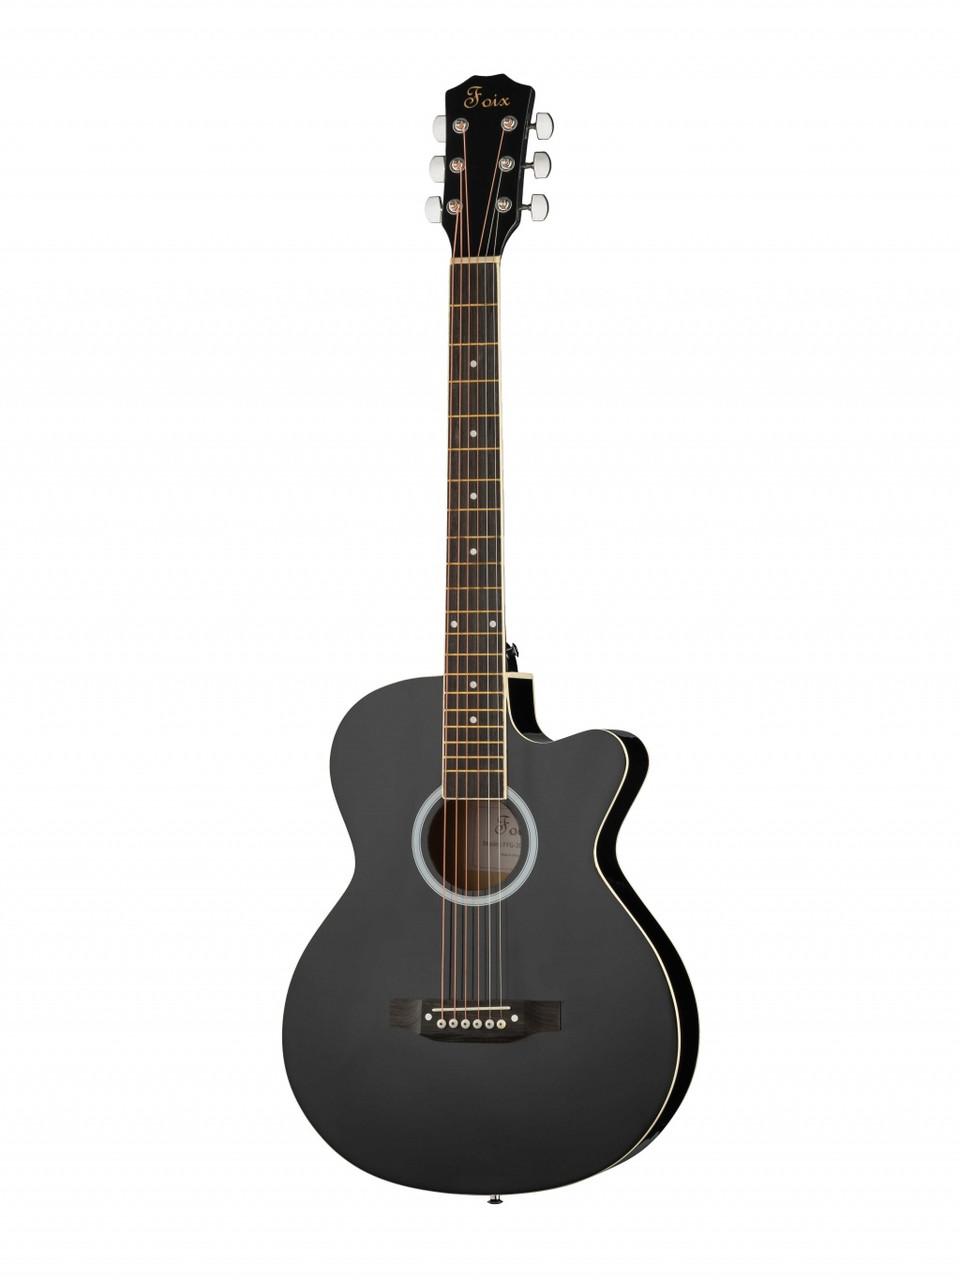 Акустическая гитара, черная, с вырезом Foix FFG-2040C-BK